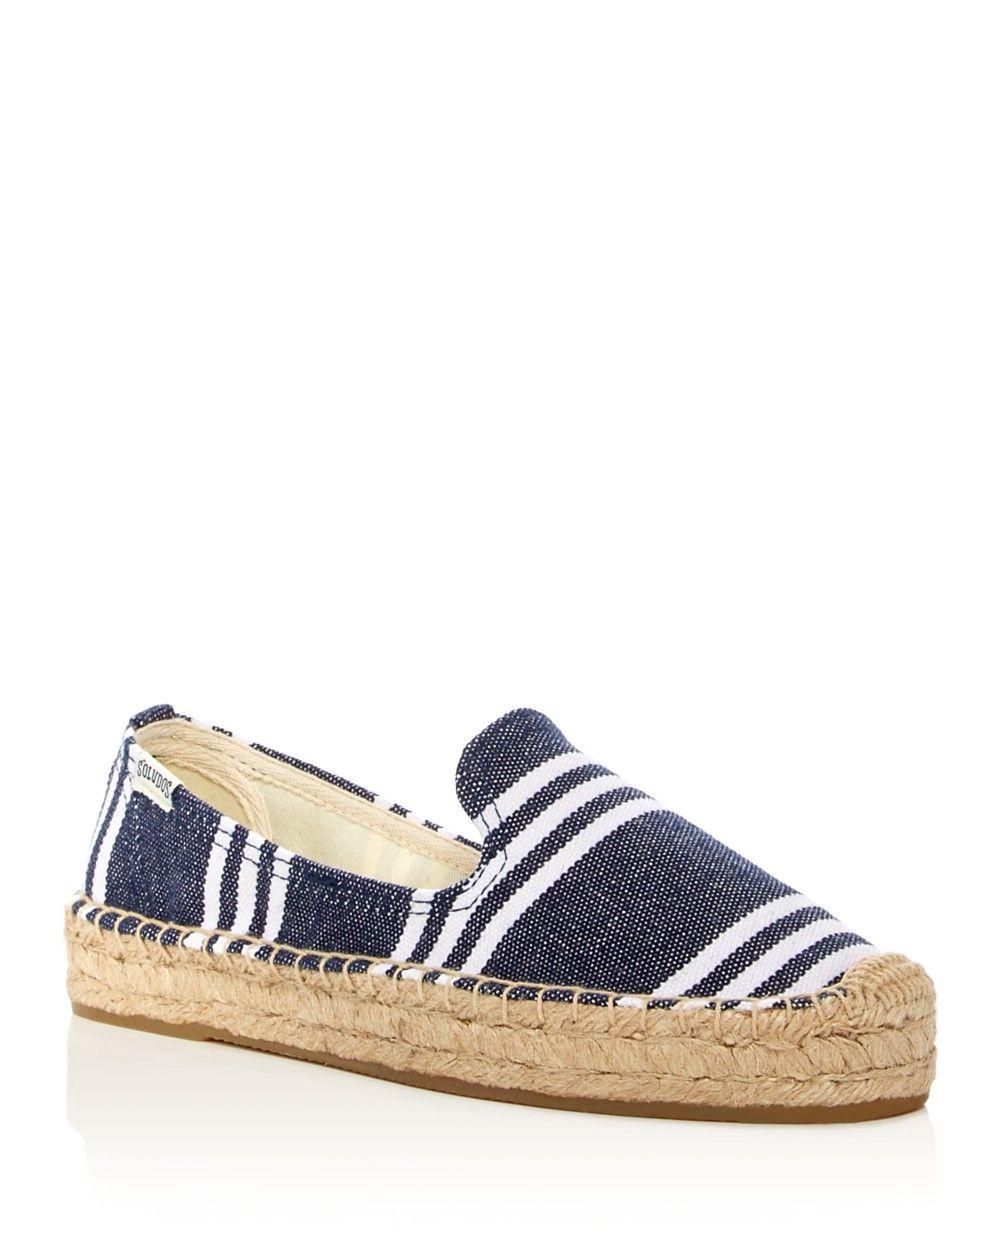 5061278d0 SOLUDOS Soludos Striped Smoking Slipper Platform Espadrilles. #soludos # shoes #all